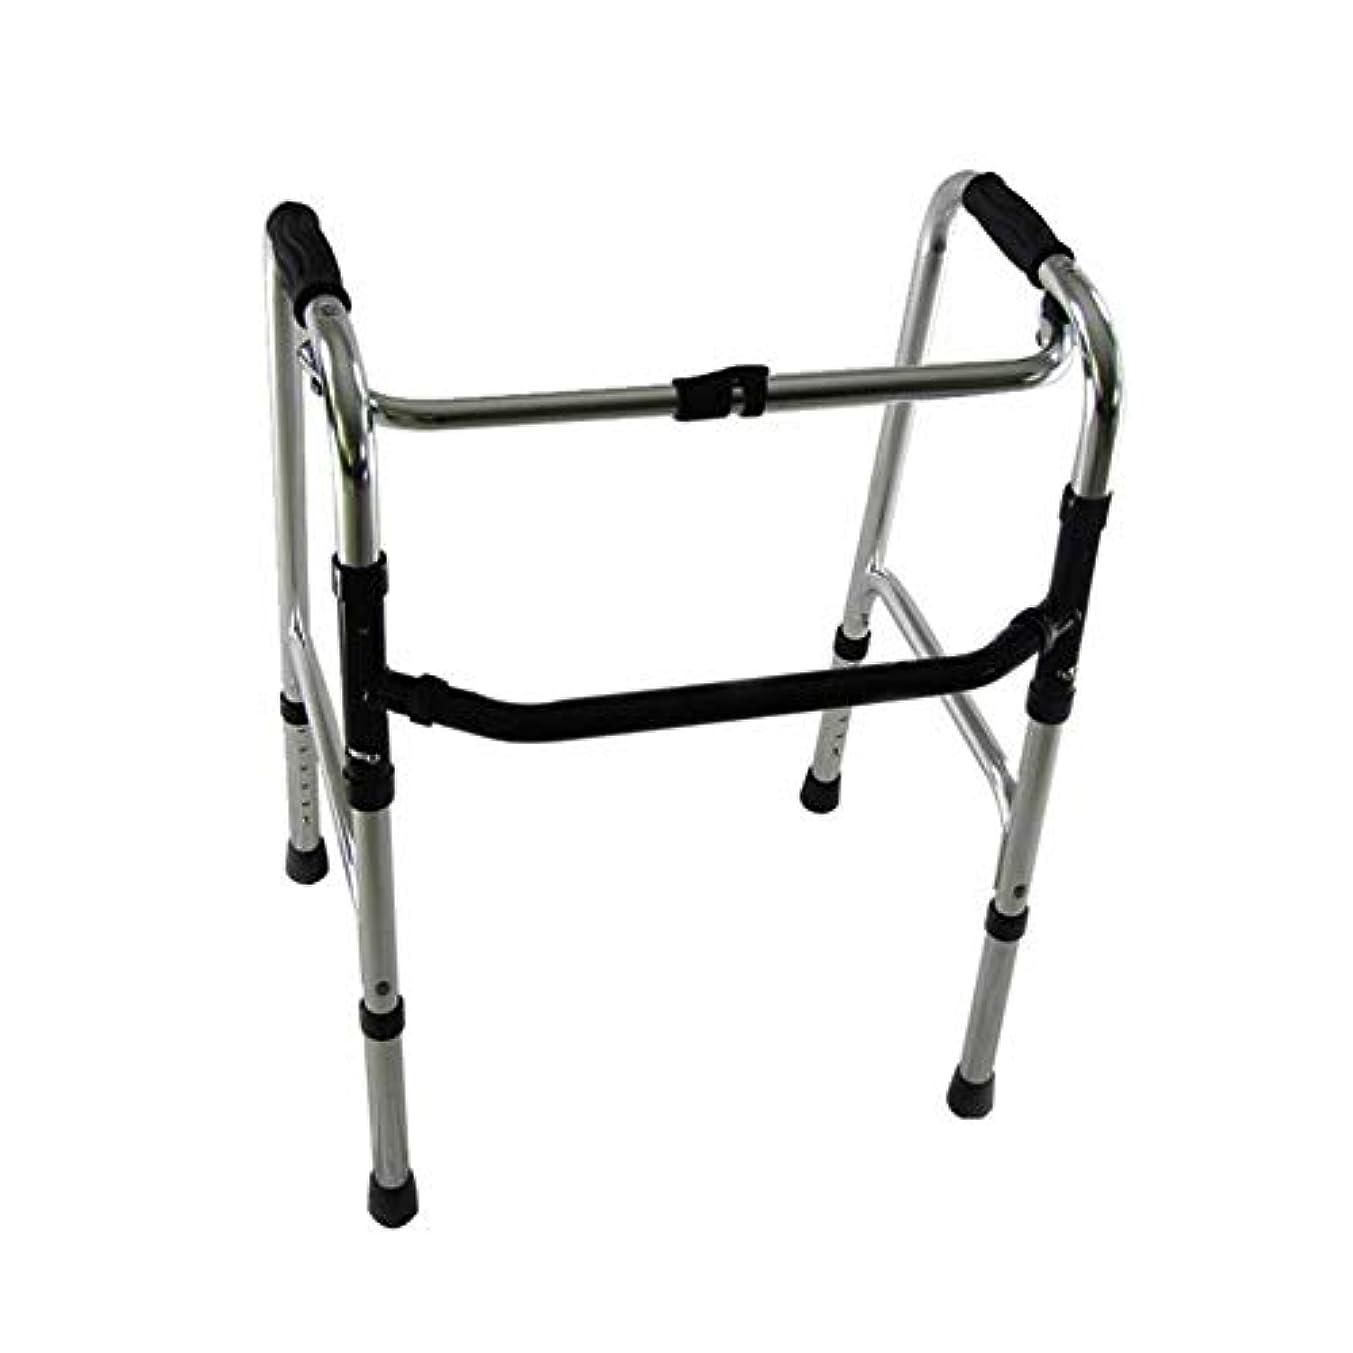 故意に漁師いつも高齢者の障害者支援のために調整可能な軽量歩行フレーム折りたたみアルミニウムの高さ